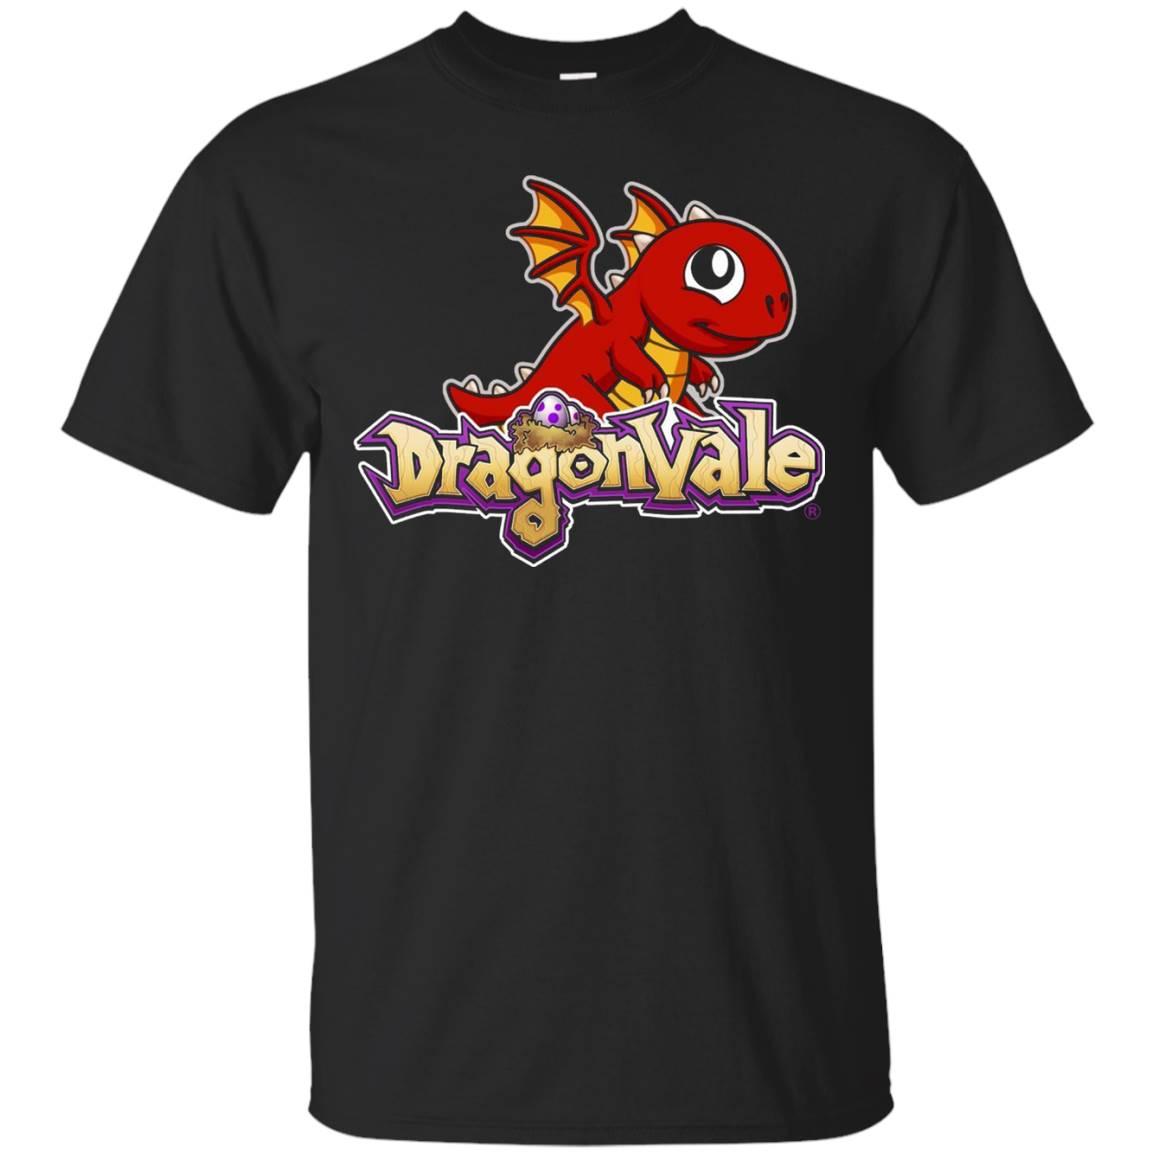 DragonVale Baby Fire Dragon Logo T-Shirt